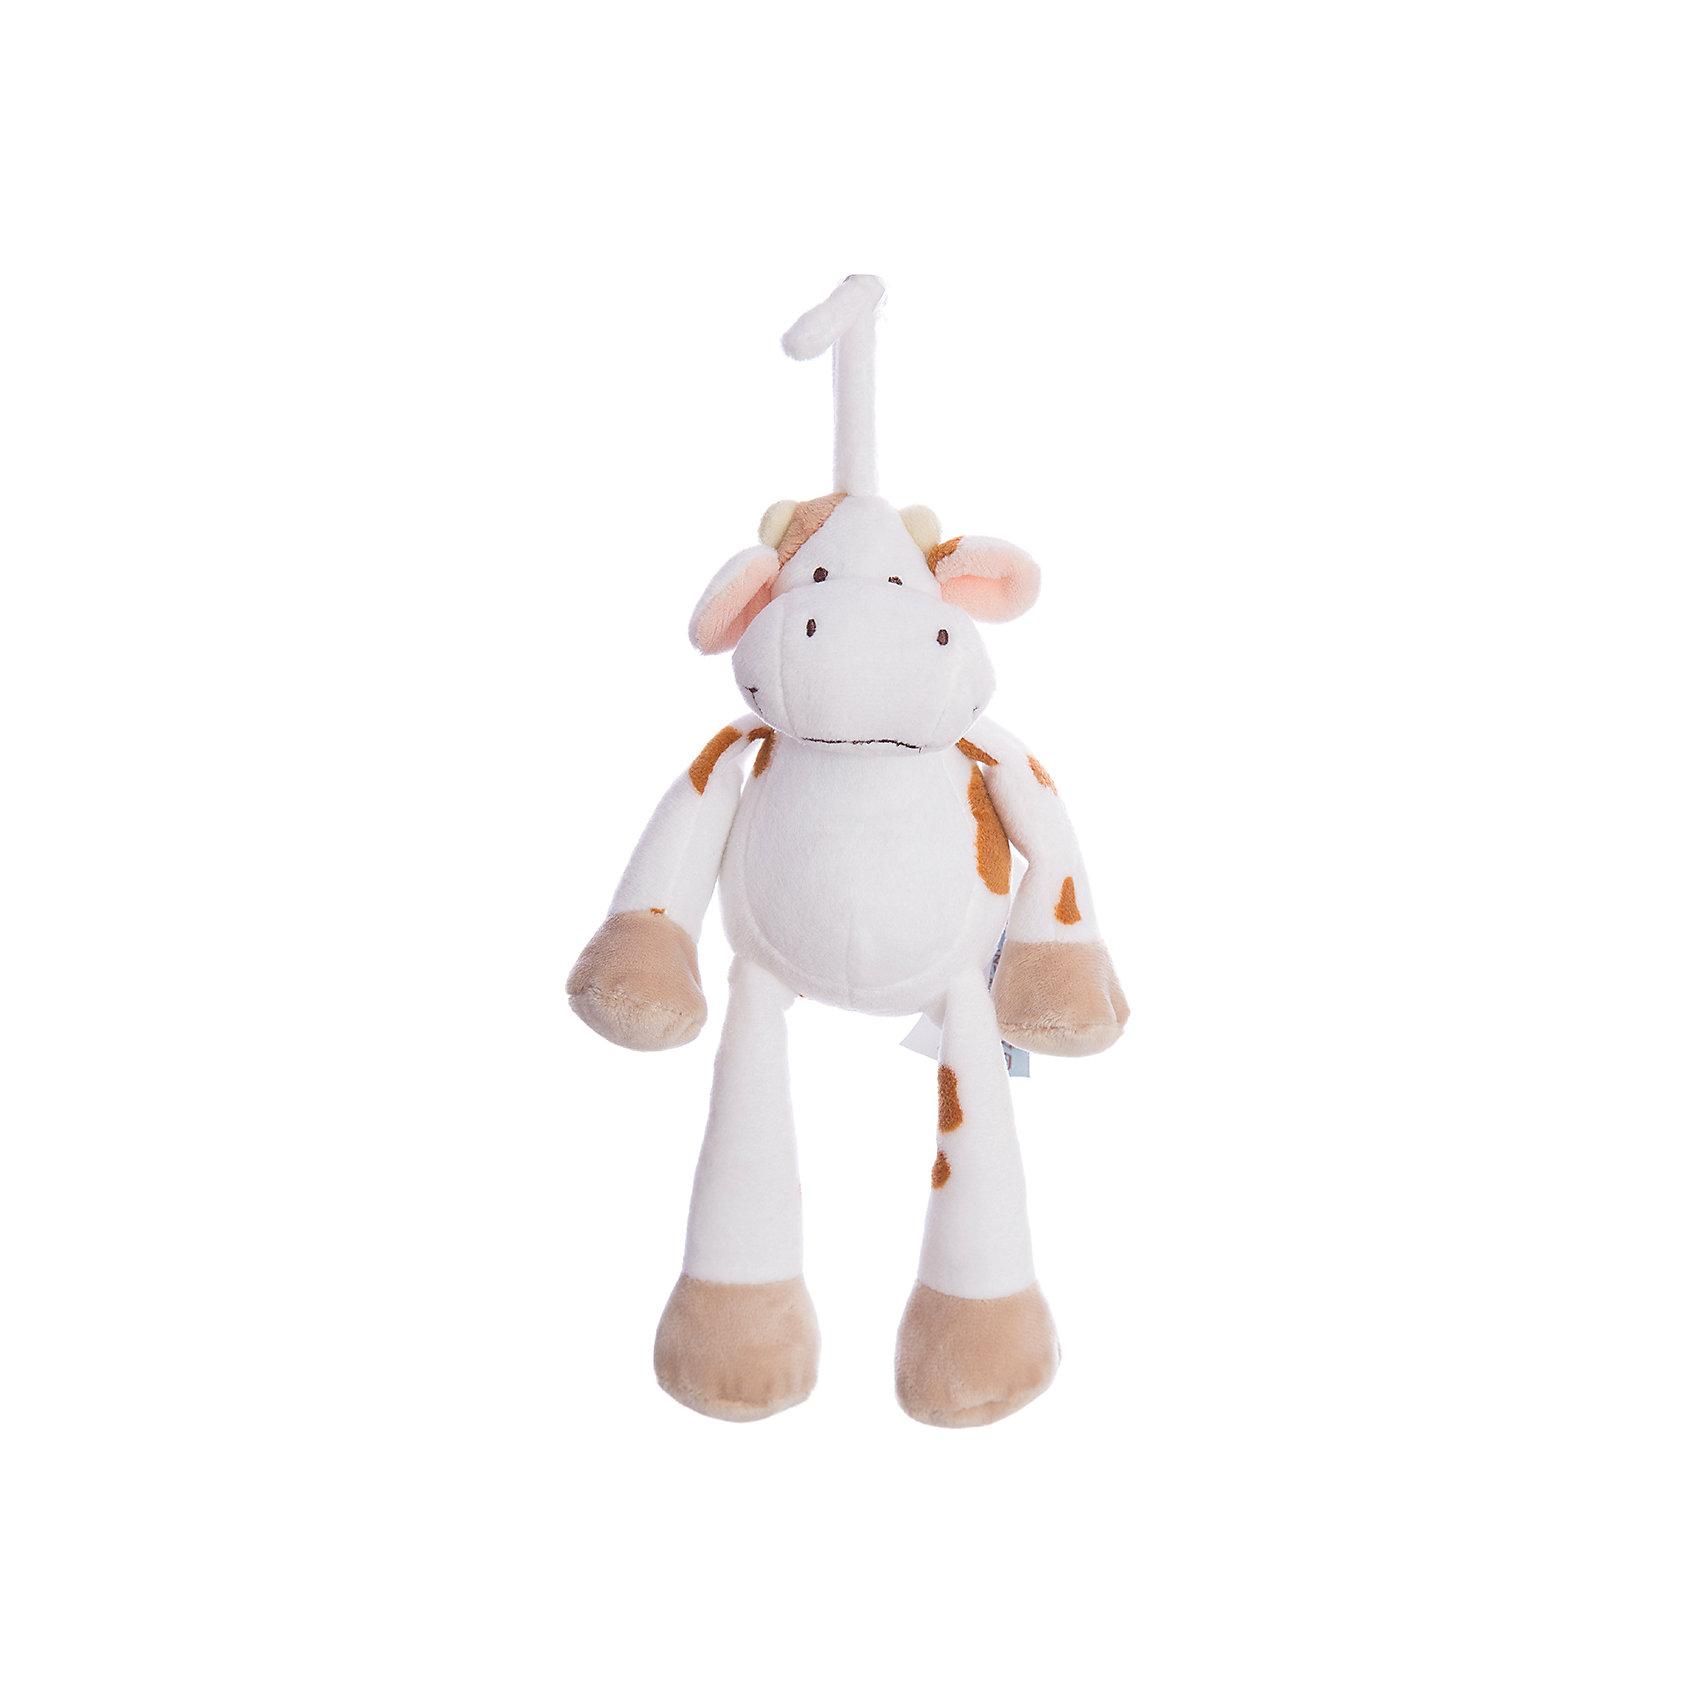 Музыкальная игрушка Корова, Динглисар, TeddykompanietДетские музыкальные инструменты<br>Характеристики мягкой игрушки Teddykompaniet:<br><br>• размер коровы: 25 см;<br>• серия: Динглисар;<br>• активация музыкальных эффектов: потянуть игрушку за хвост;<br>• материал: плюш, синтетический наполнитель.<br><br>Игрушка-подвеска с музыкальным мобилем развивает тактильное восприятие малыша, а также слуховое и зрительное восприятие. Корова Teddykompaniet выполнена из мягкого гипоаллергенного материала, внутри мягкий наполнитель.  <br><br>Музыкальную игрушку Корова, Динглисар, Teddykompaniet можно купить в нашем интернет-магазине.<br><br>Ширина мм: 250<br>Глубина мм: 250<br>Высота мм: 100<br>Вес г: 250<br>Возраст от месяцев: 0<br>Возраст до месяцев: 36<br>Пол: Унисекс<br>Возраст: Детский<br>SKU: 4903931